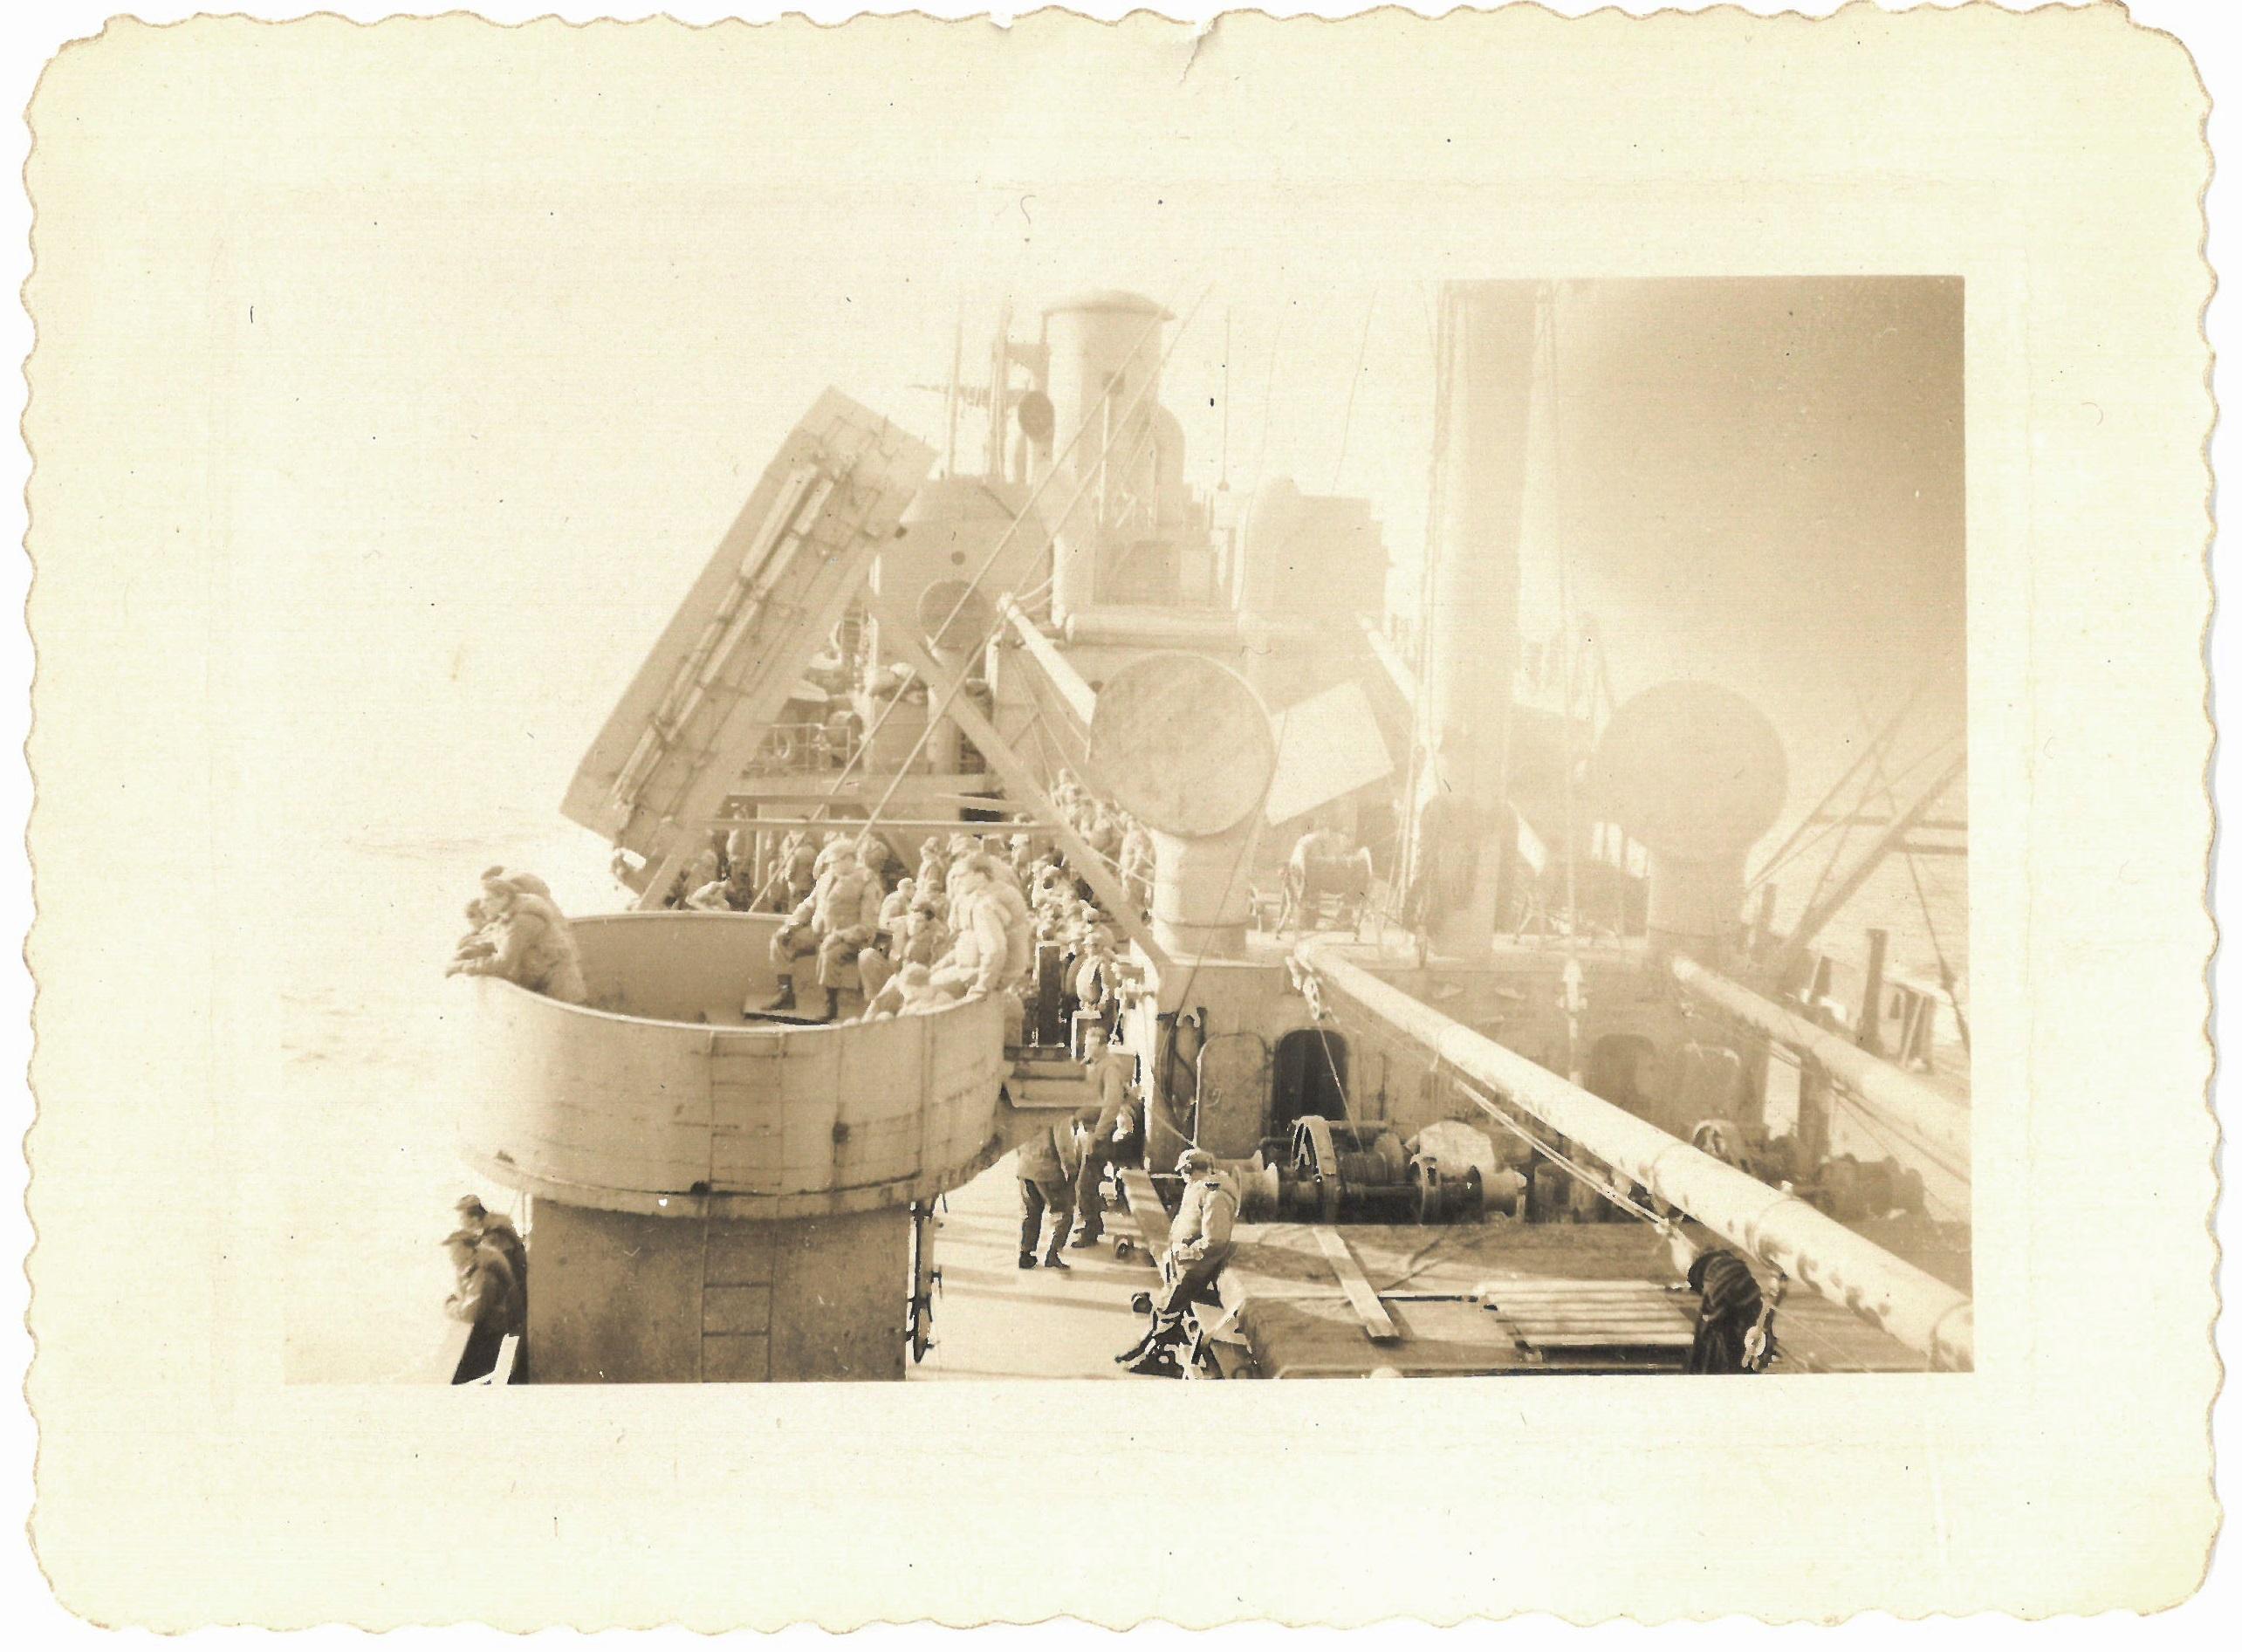 Sailing to war 1944